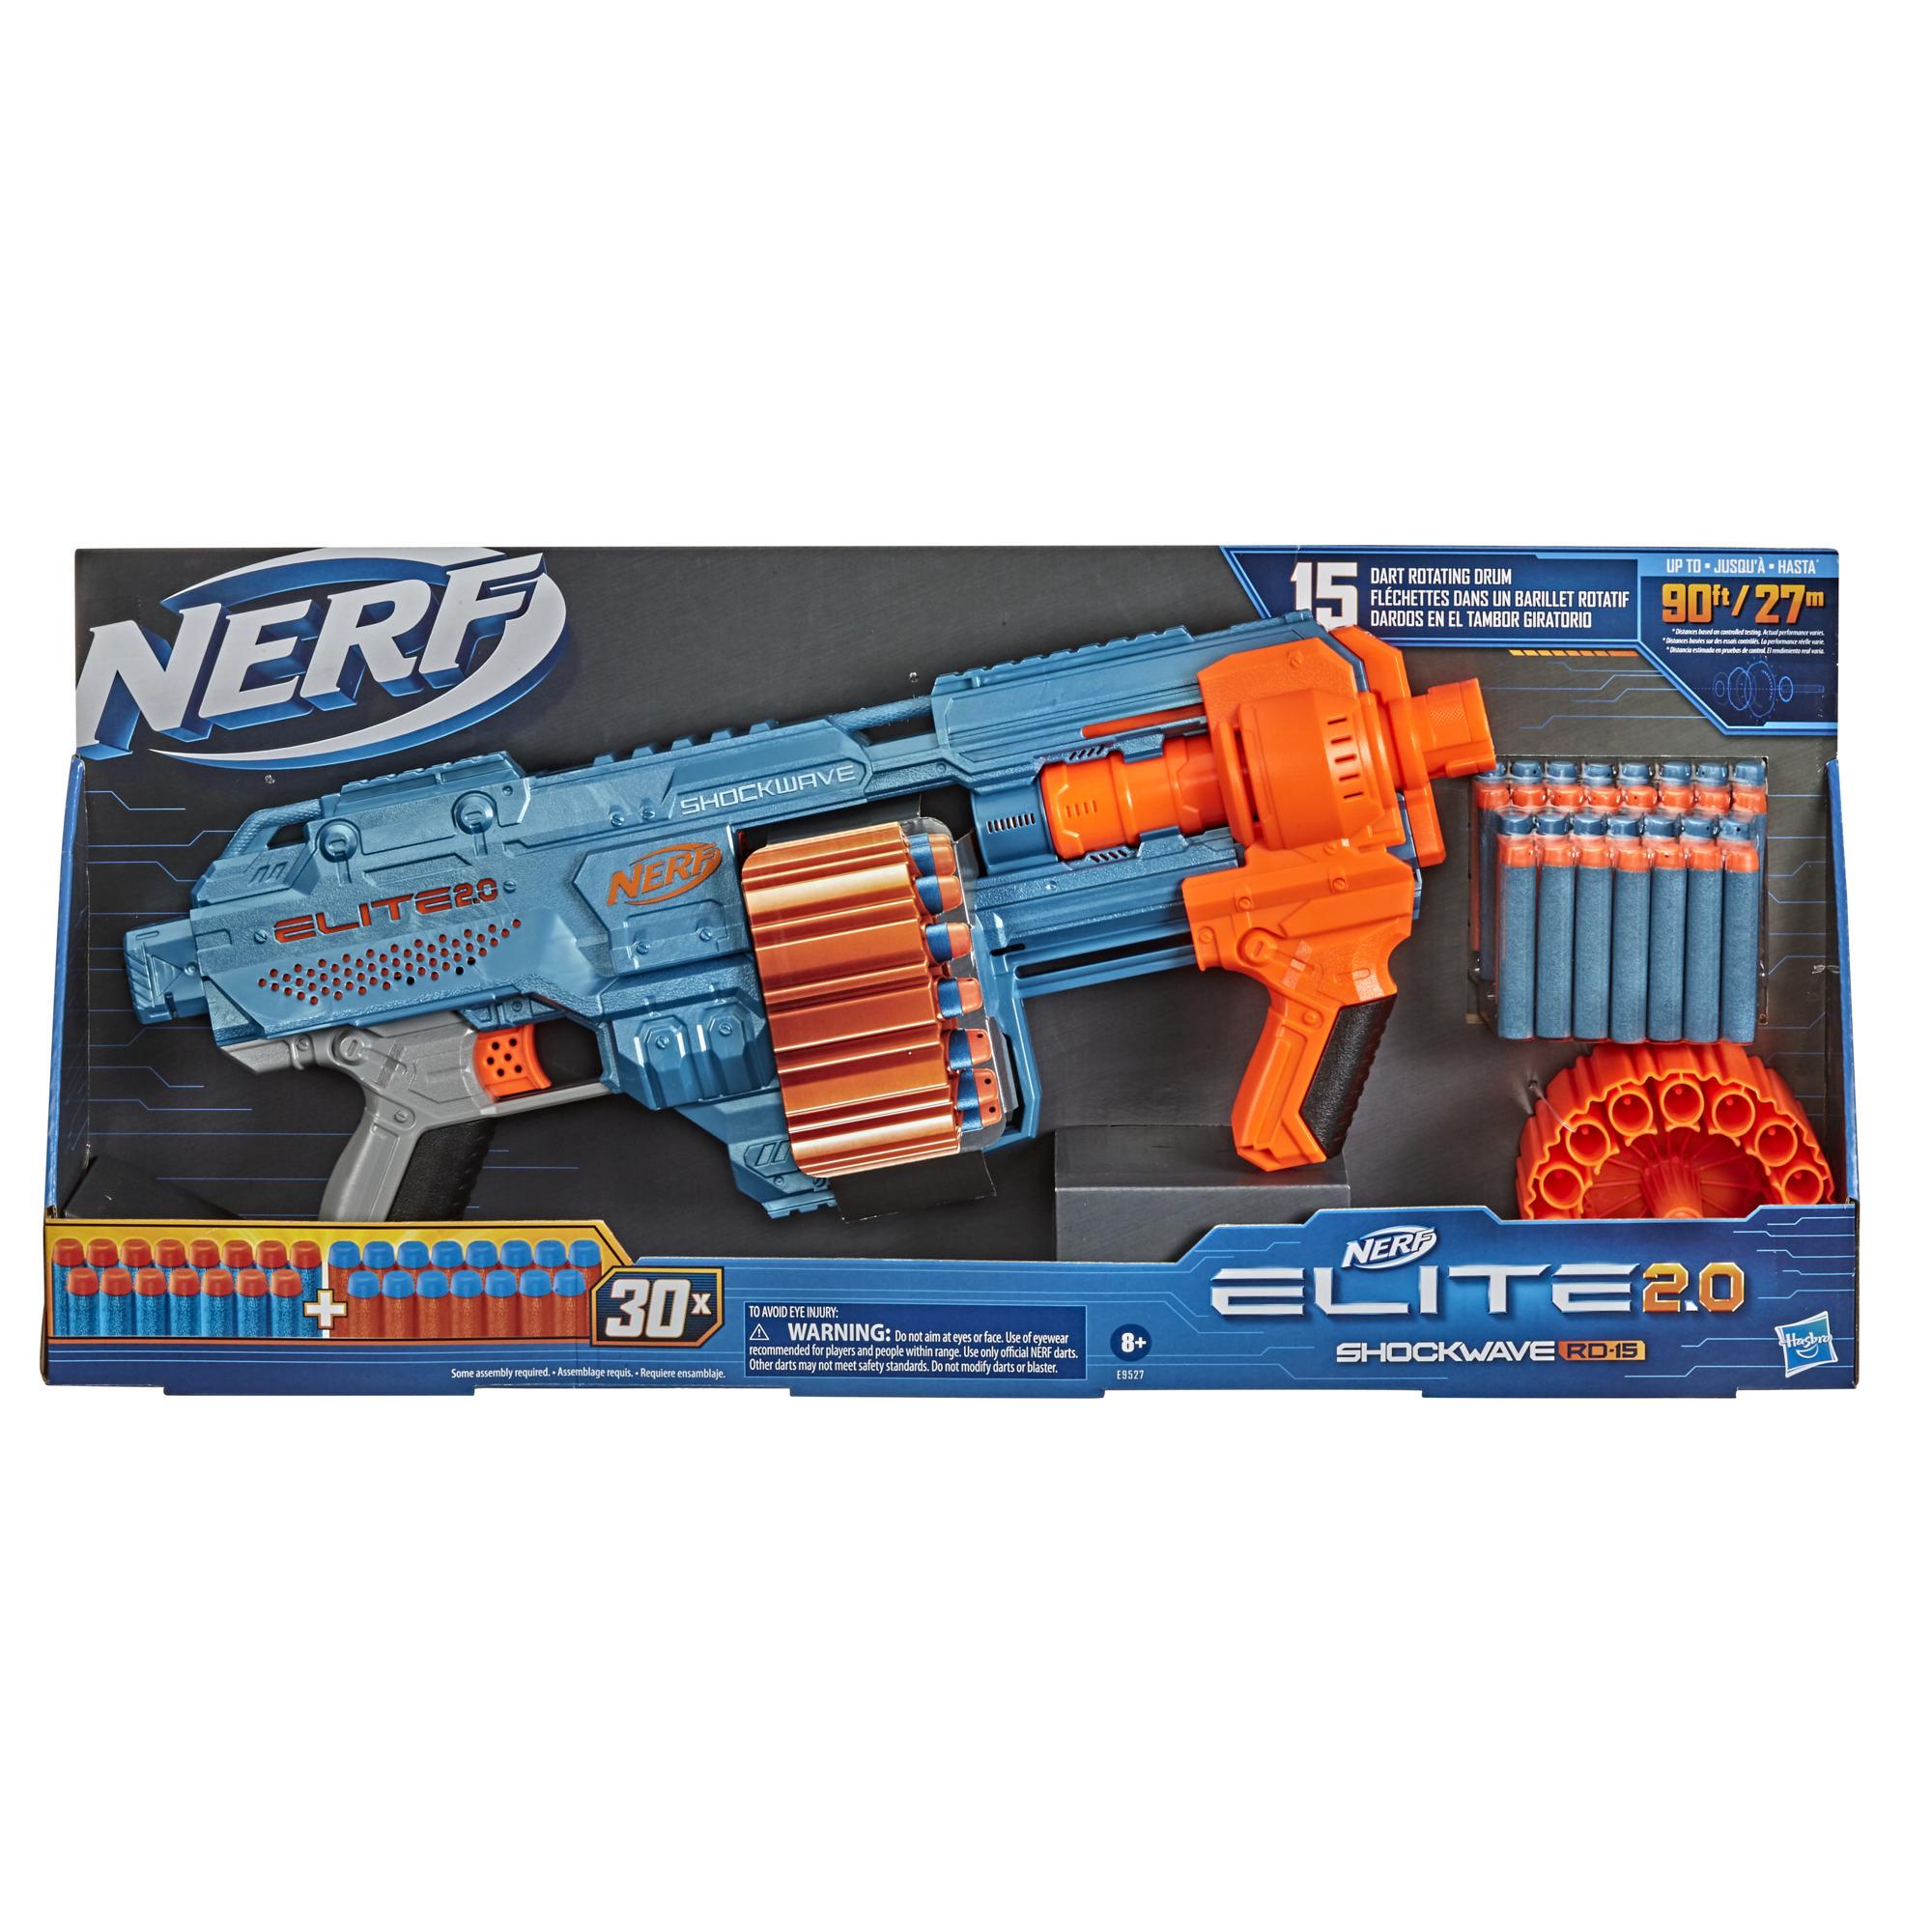 Nerf Elite 2.0 Shockwave RD-15 — Lançador, 30 dardos Nerf, tambor giratório para 15 dardos, lançamentos rápidos e capacidades de personalização